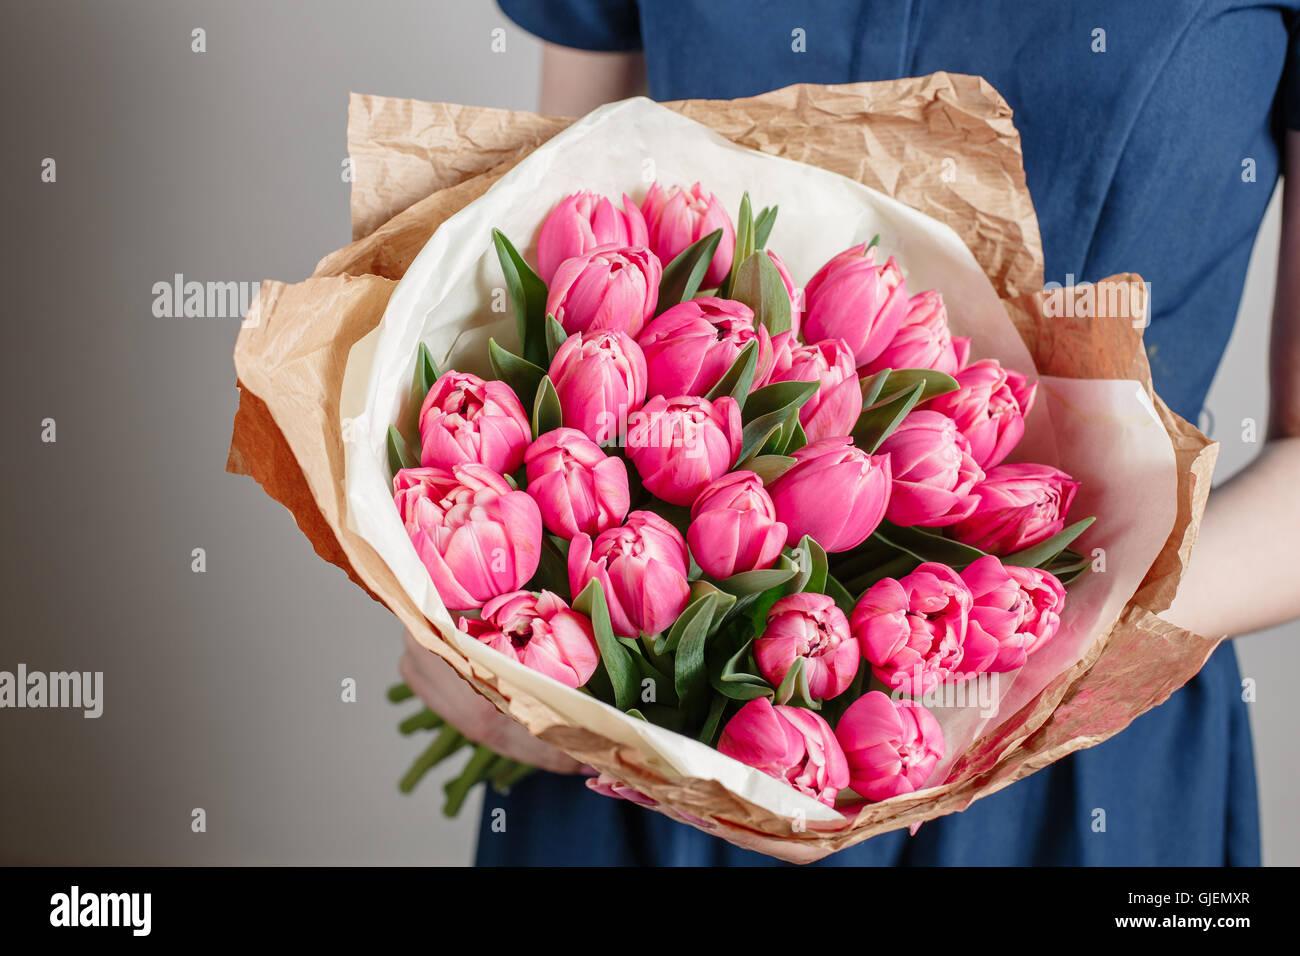 Fille Fleuriste Fleurs Avec Des Tulipes Roses Ou Jeune Femme